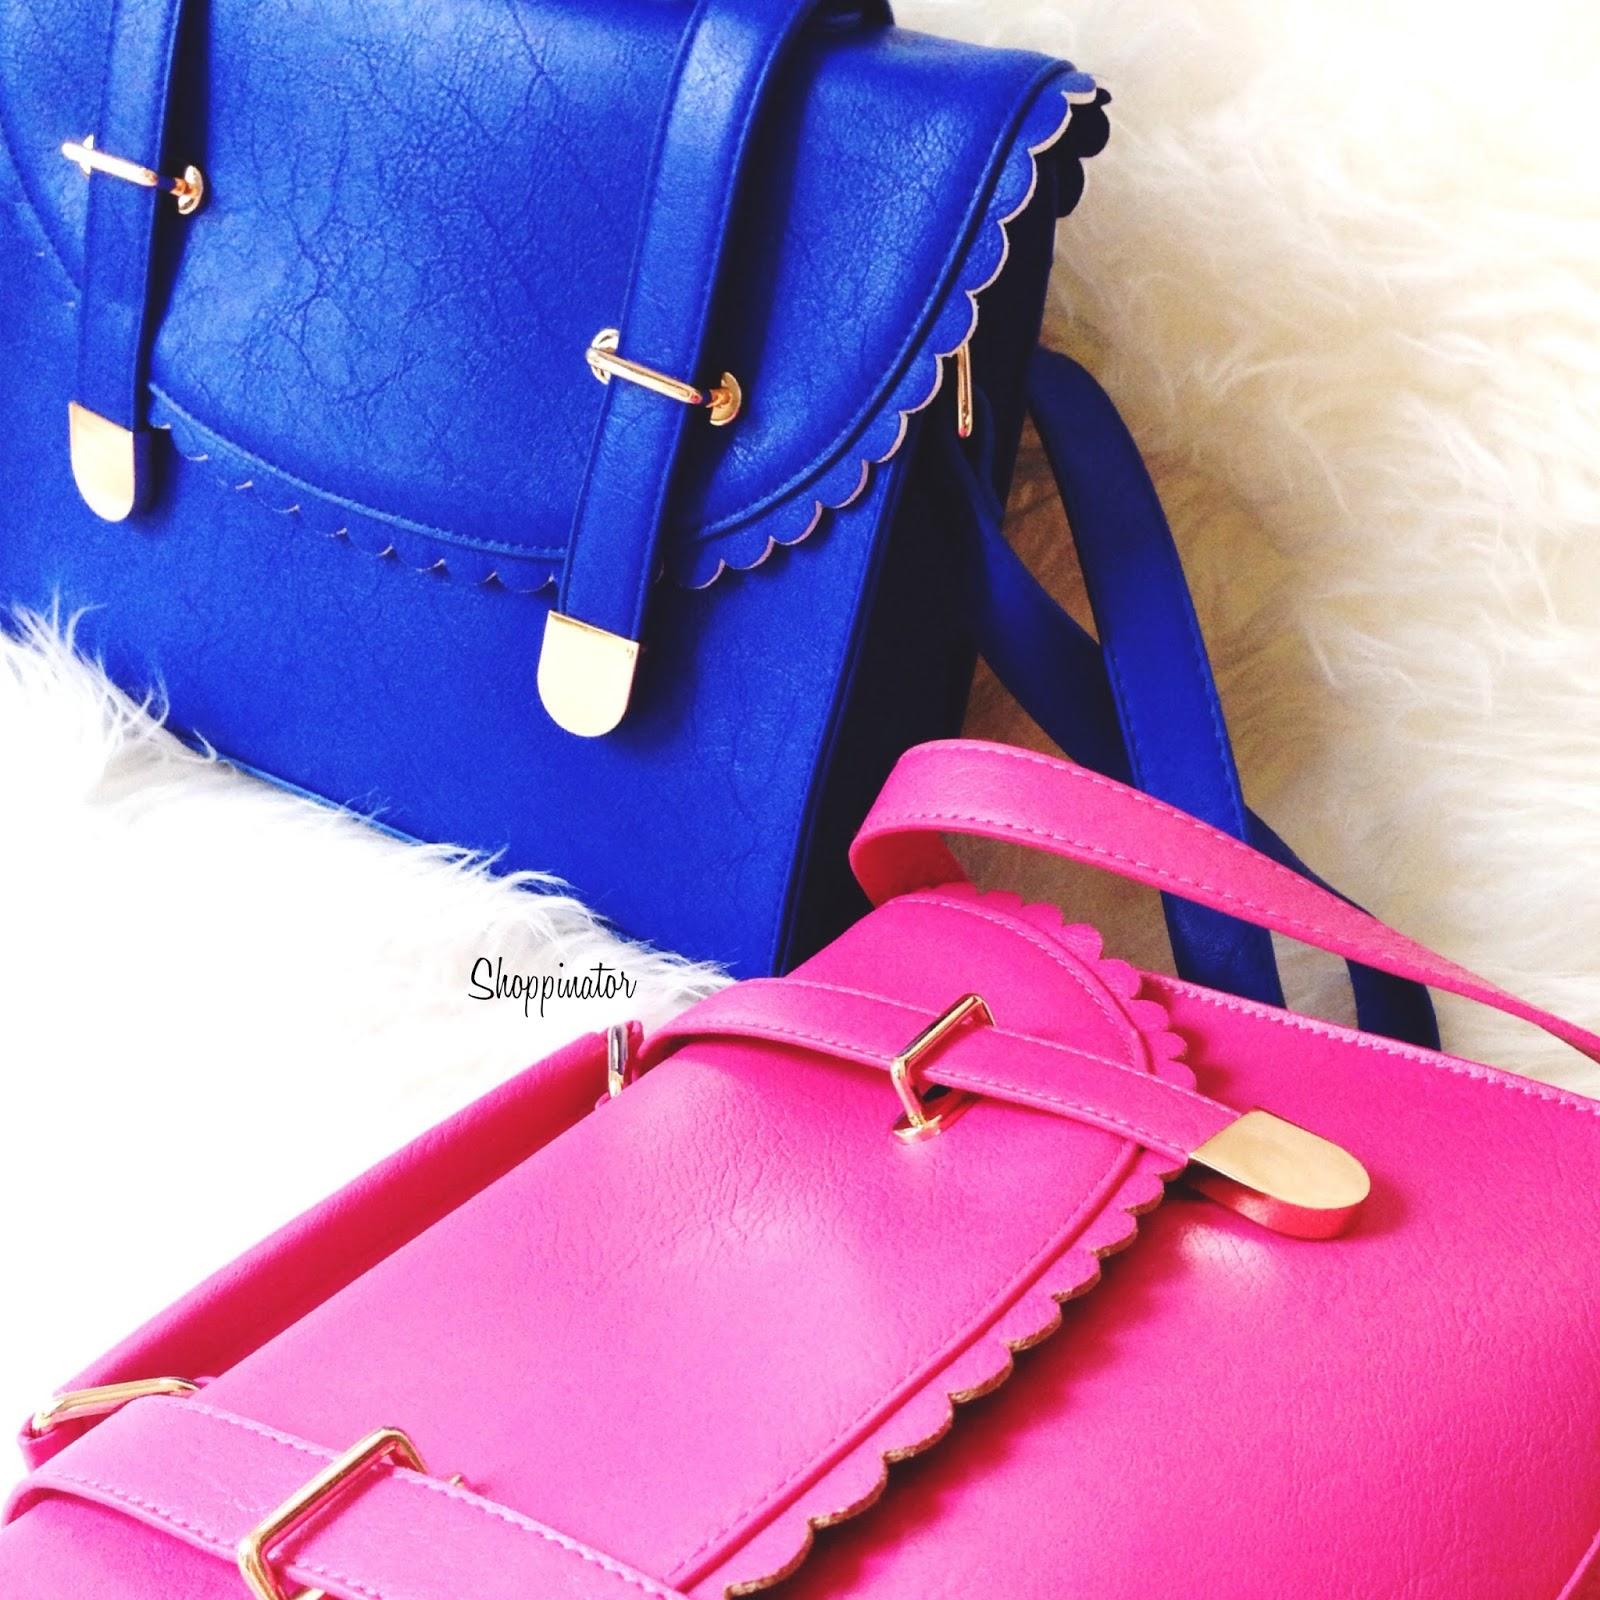 New in – 'Satchel Bag'